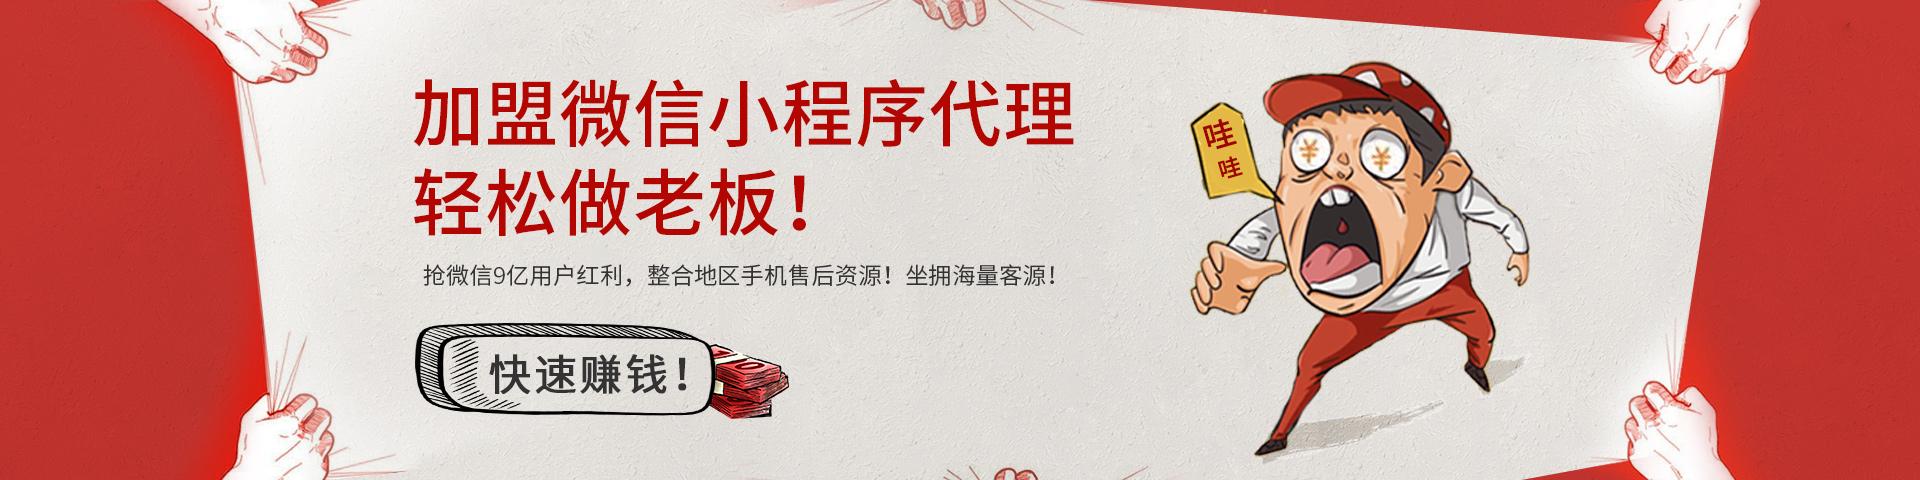 售后帮商家扶持落地页-引导banner